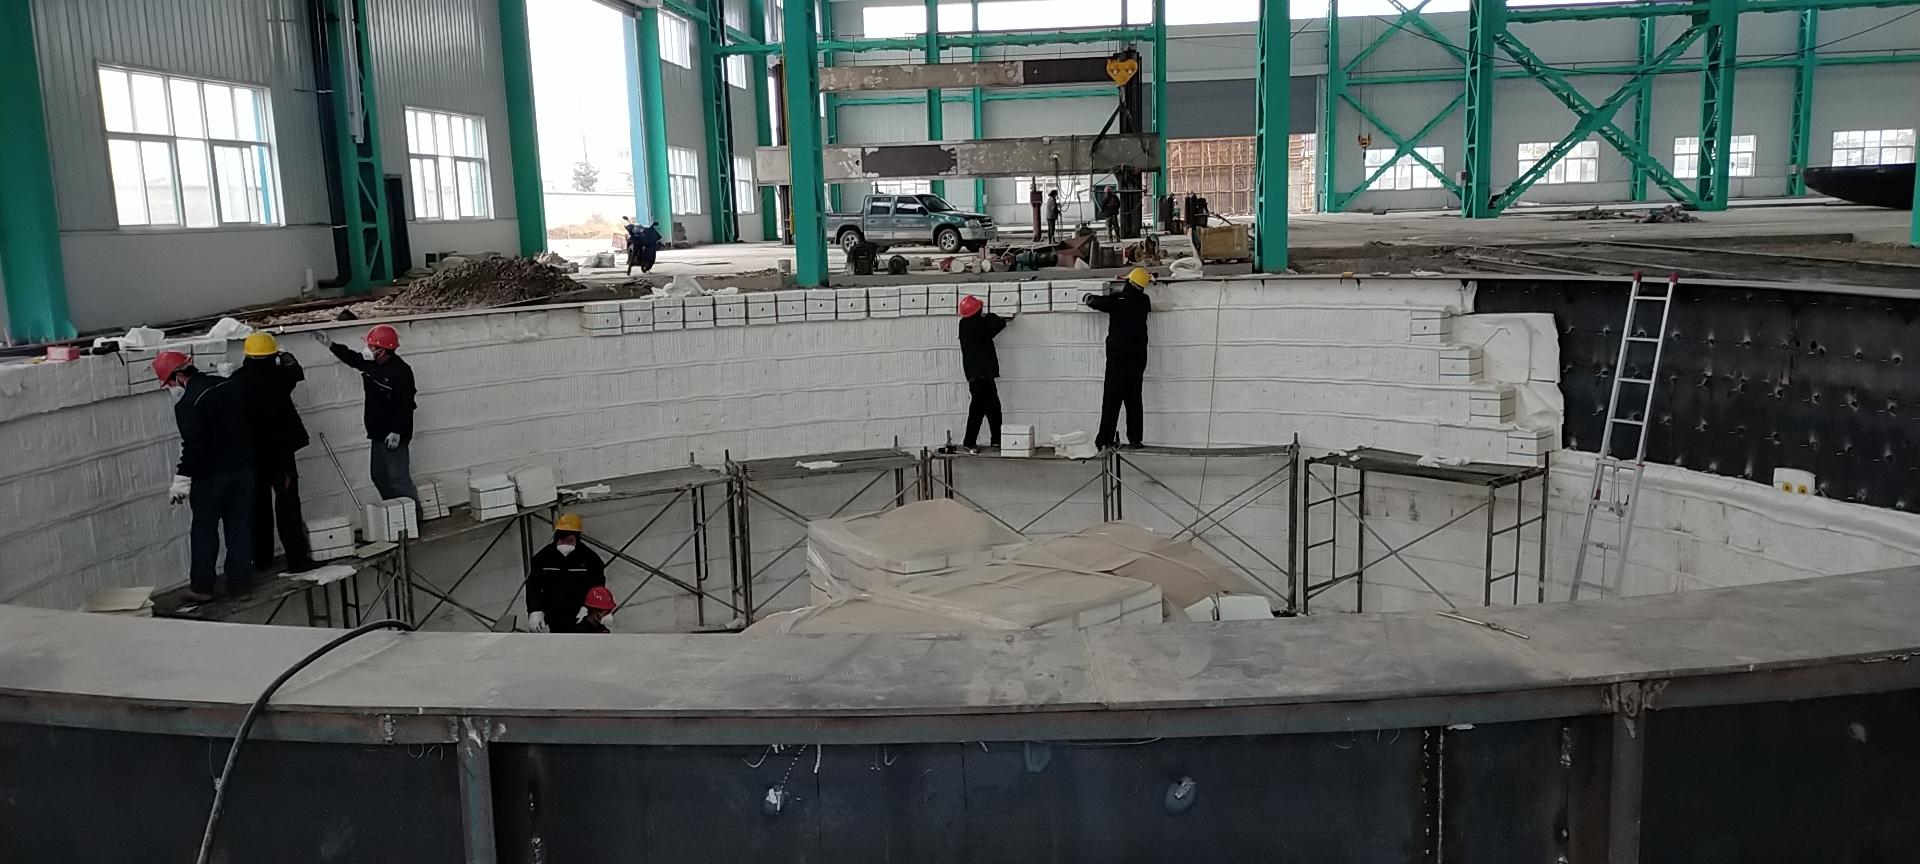 原来大型井式炉是这样施工的!